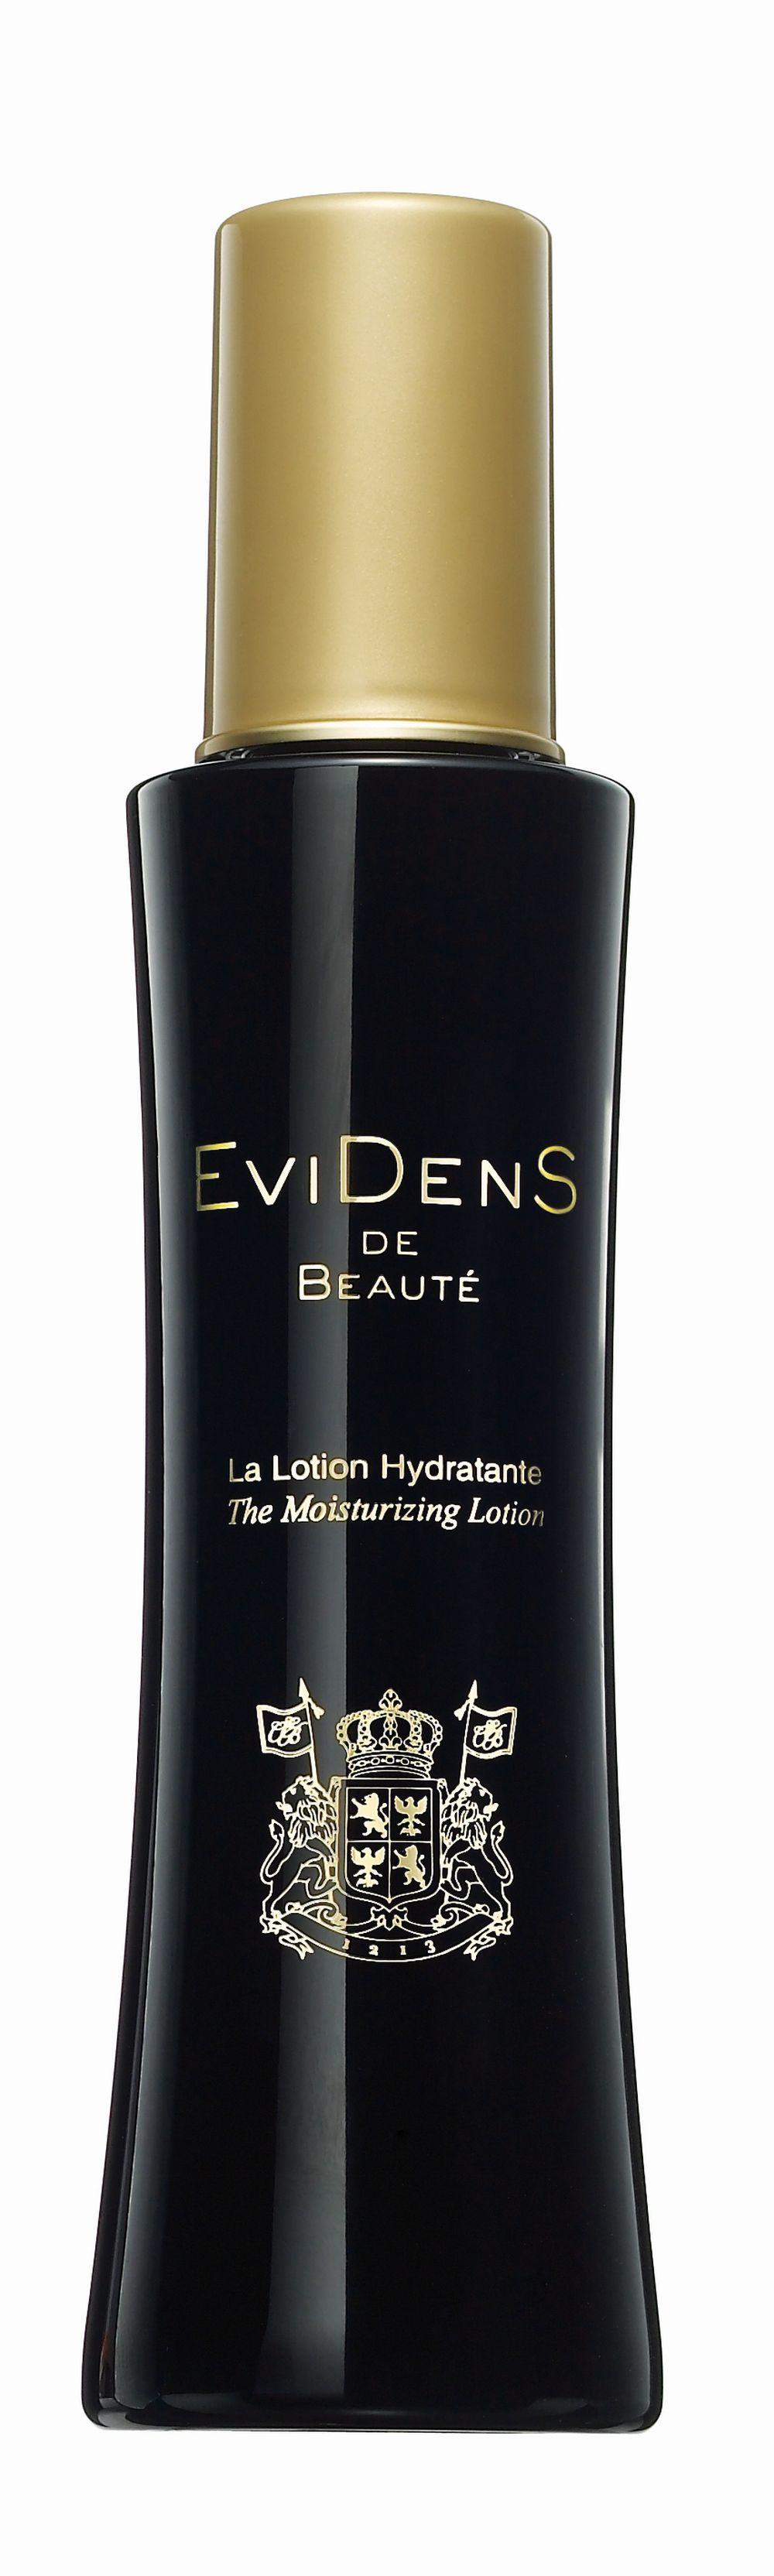 Evidens de Beauté - Moisturizing Lotion - 200 ml